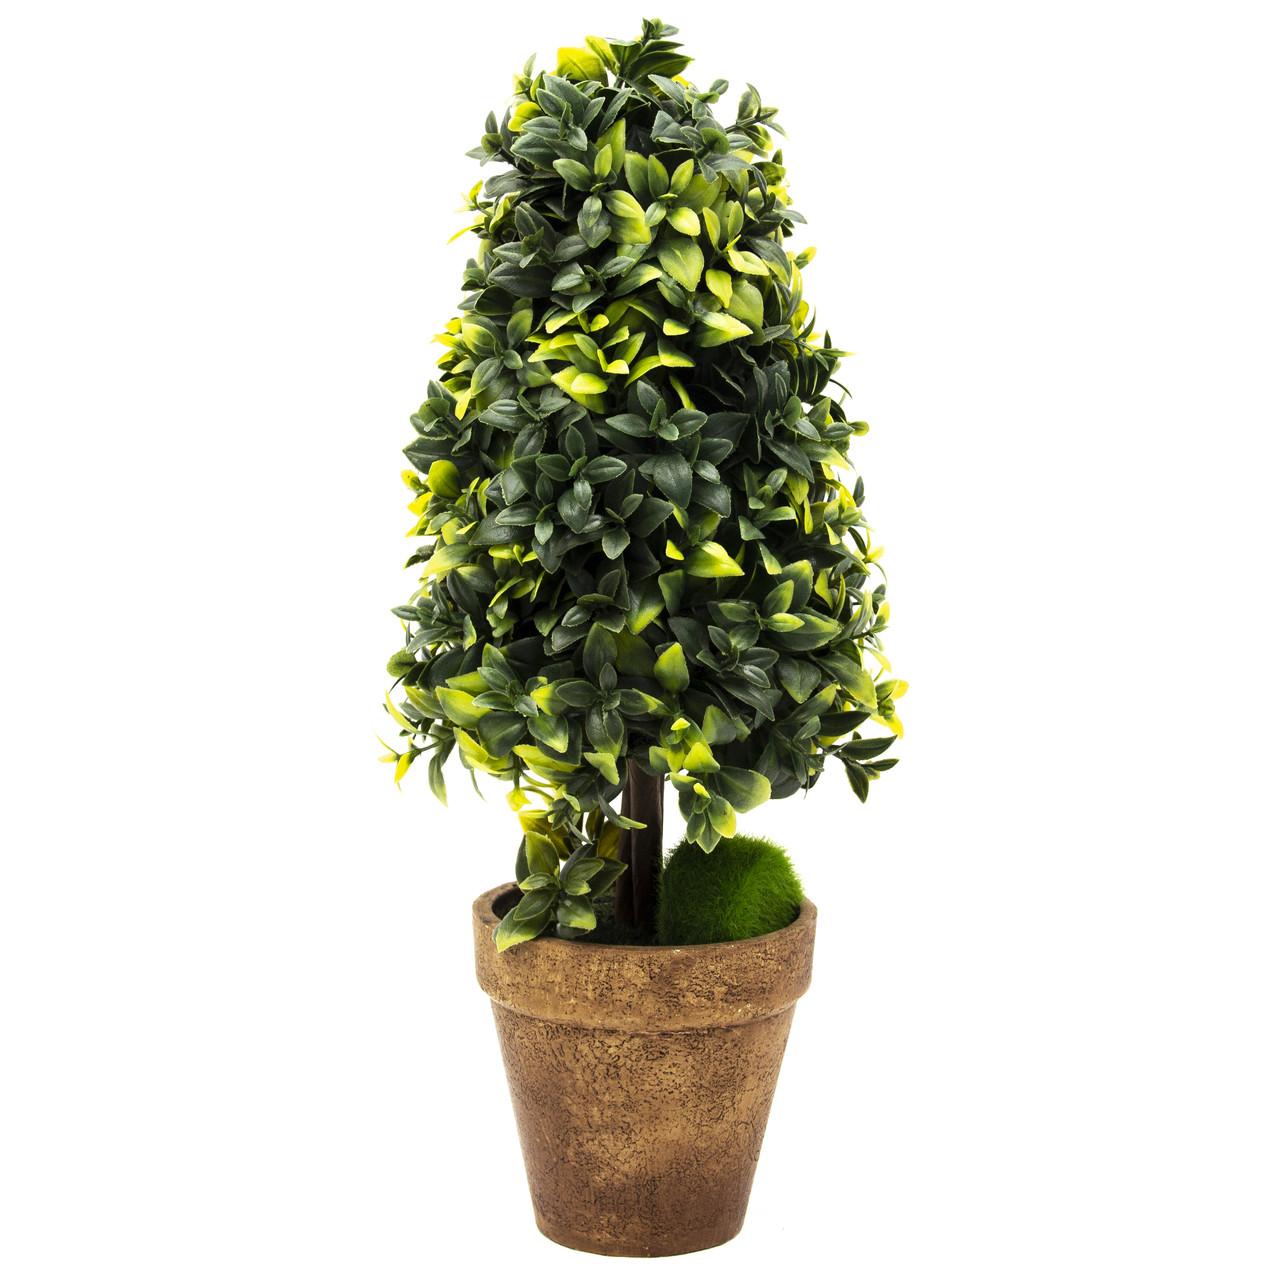 Искусственное дерево Самшит, 40 см (960095)